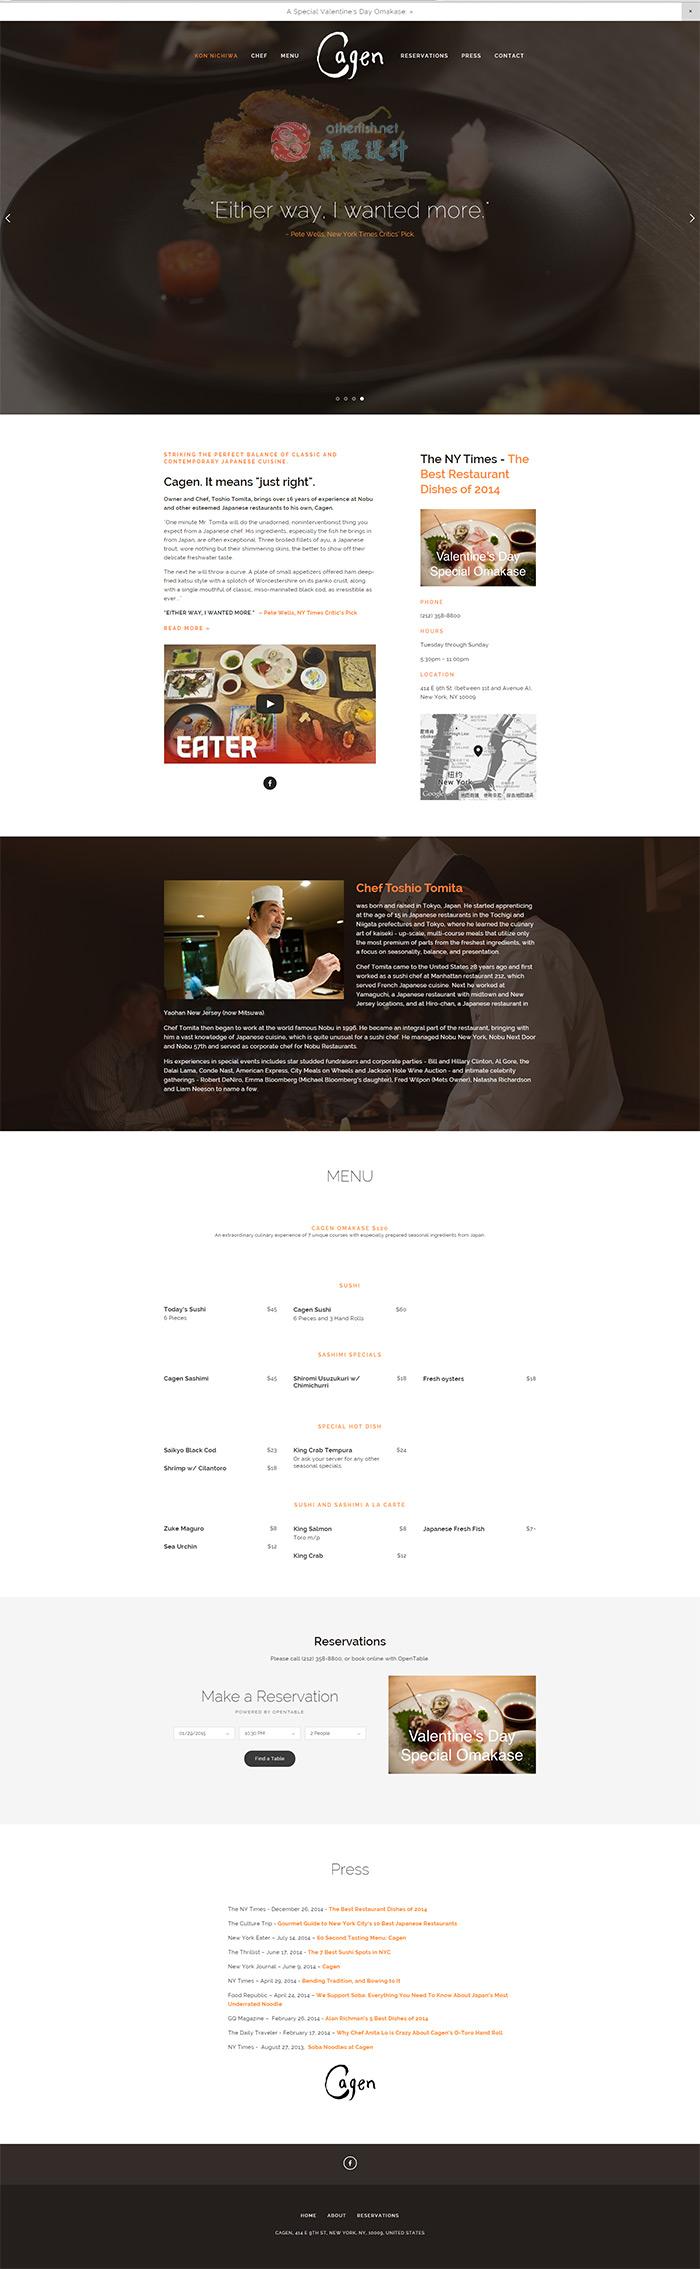 英国餐厅网站设计